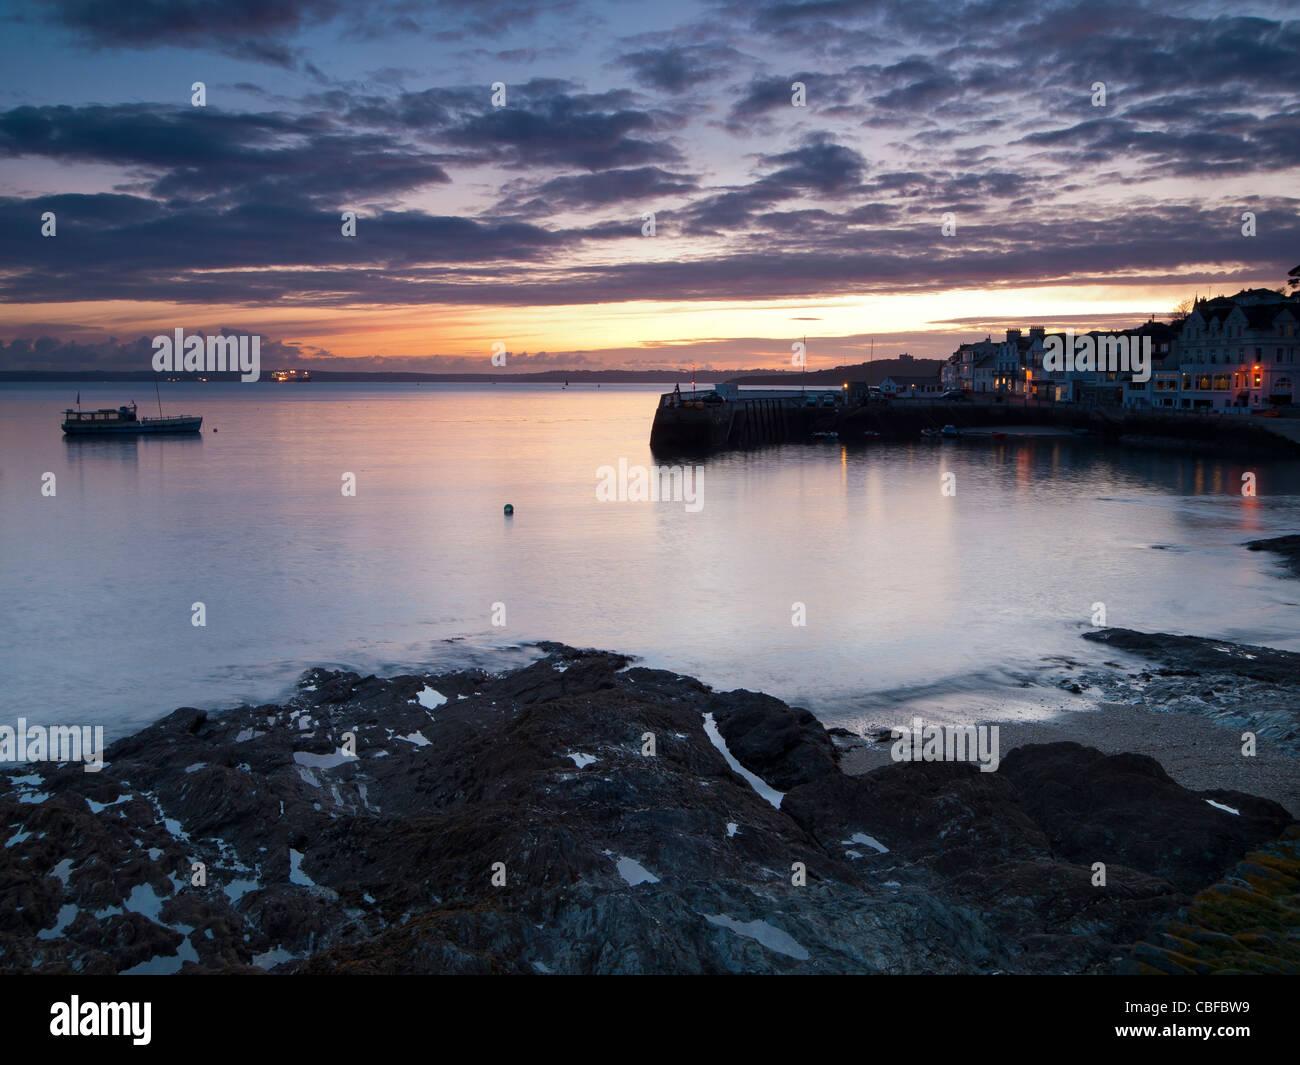 Tramonto a St Mawes Cornwall Inghilterra REGNO UNITO Immagini Stock